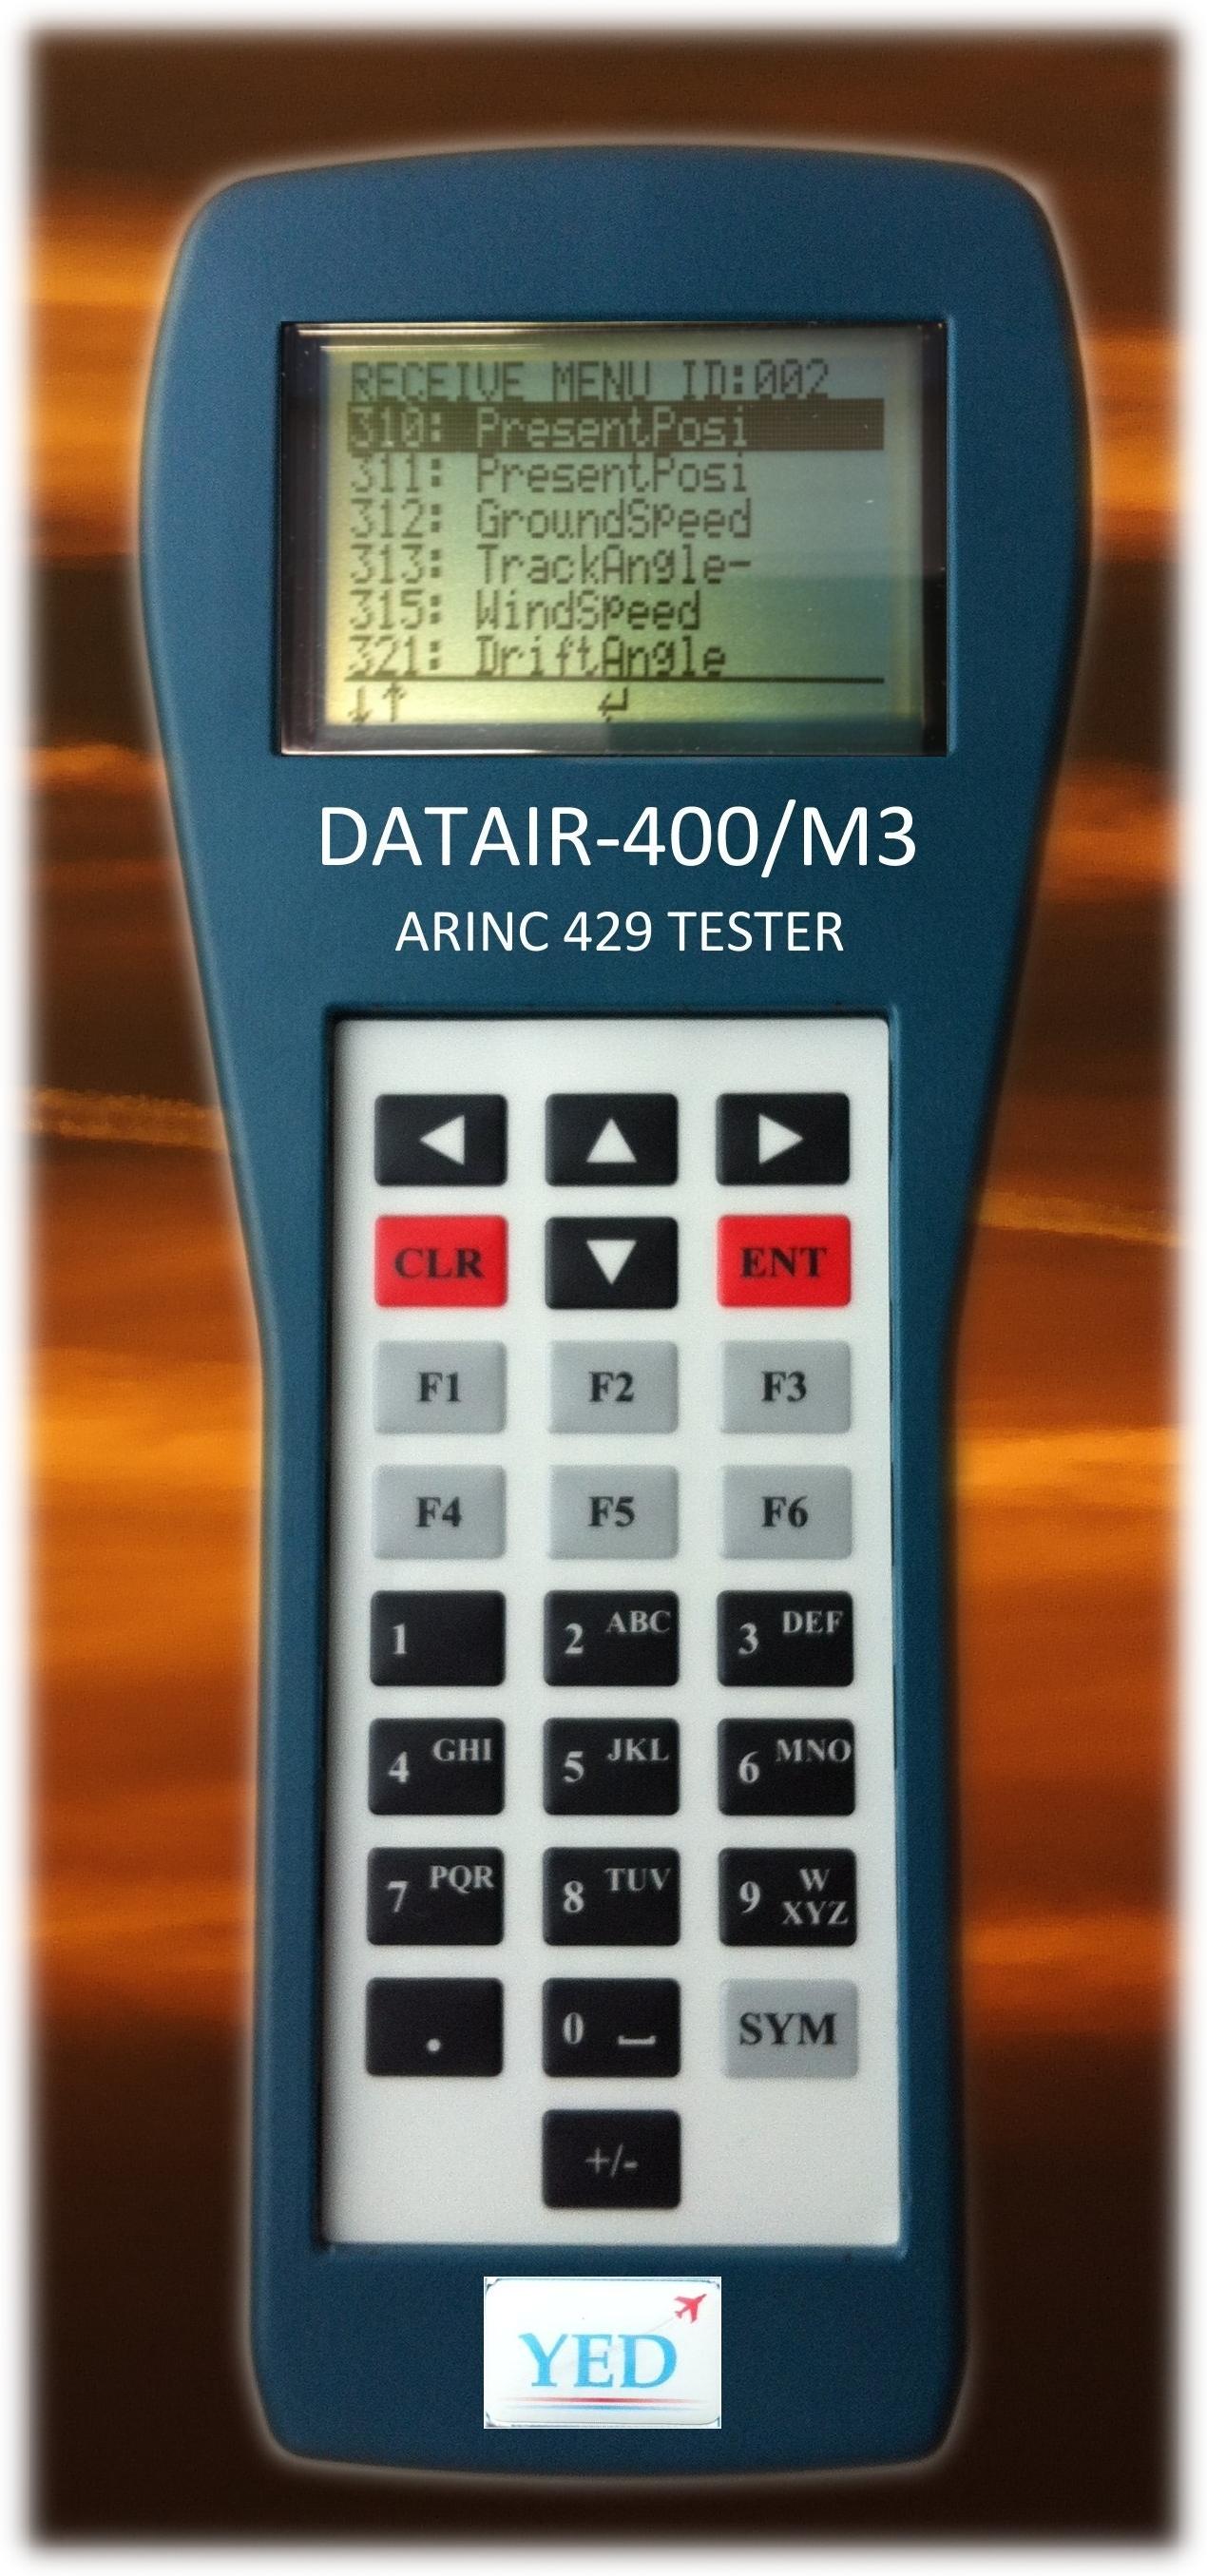 DATAIR 400 M3RedSky